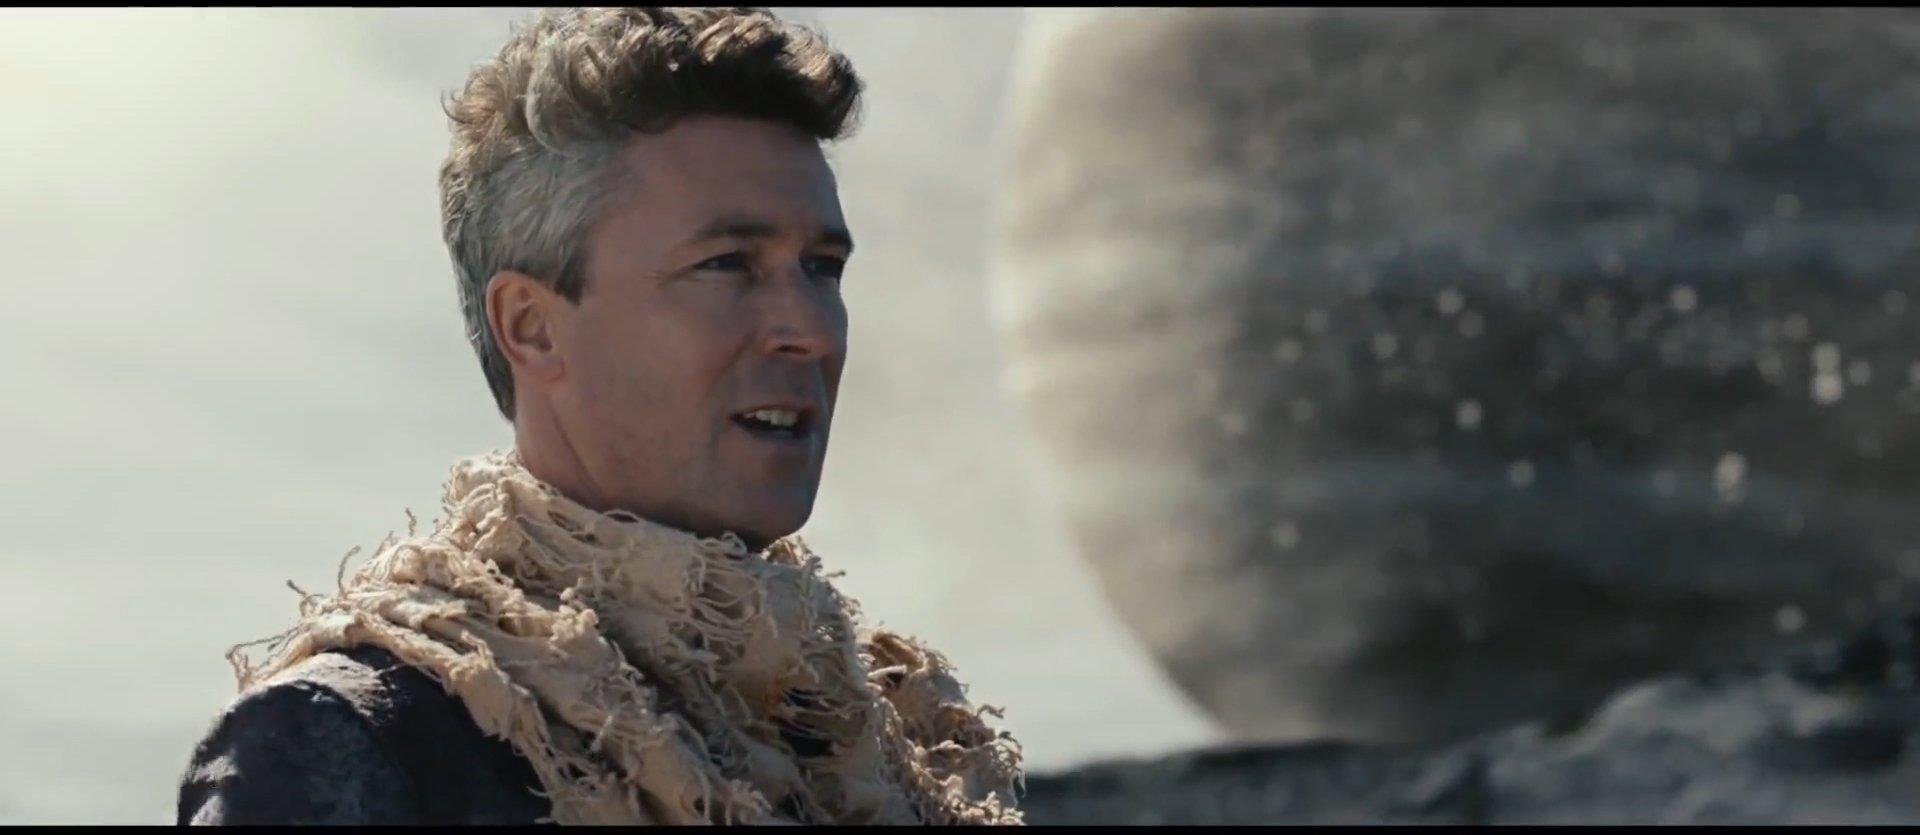 Разве может sci-fi короткометражка быть лучше кучи фильмов последних лет?  - Изображение 1